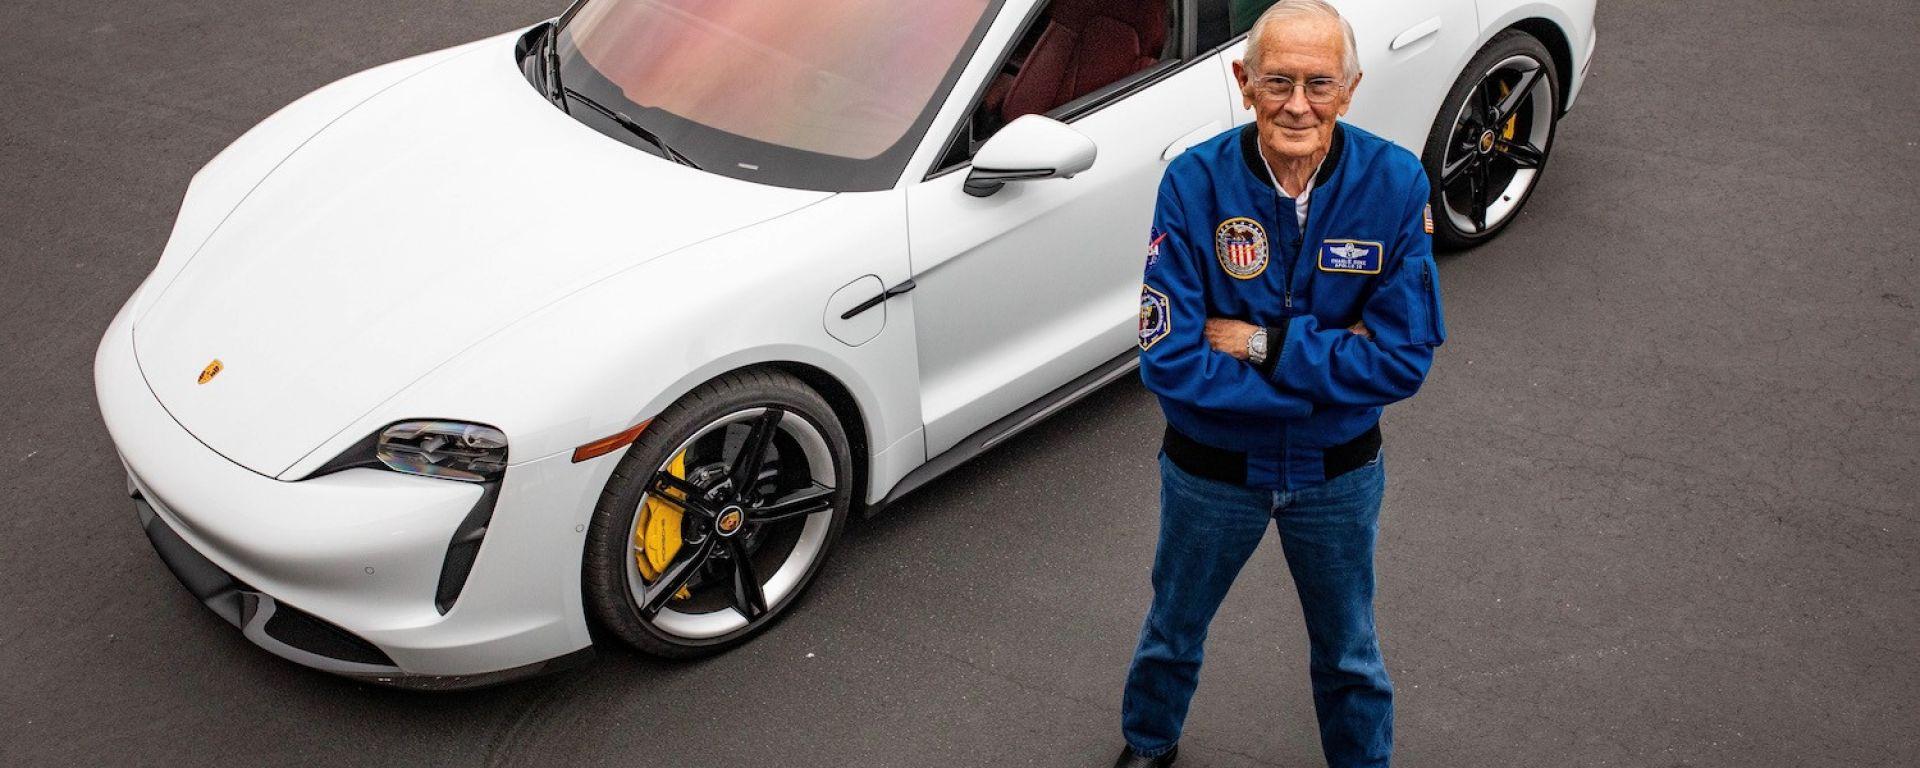 Il comandante Charlie Duke di Apollo 16 e Porsche Taycan